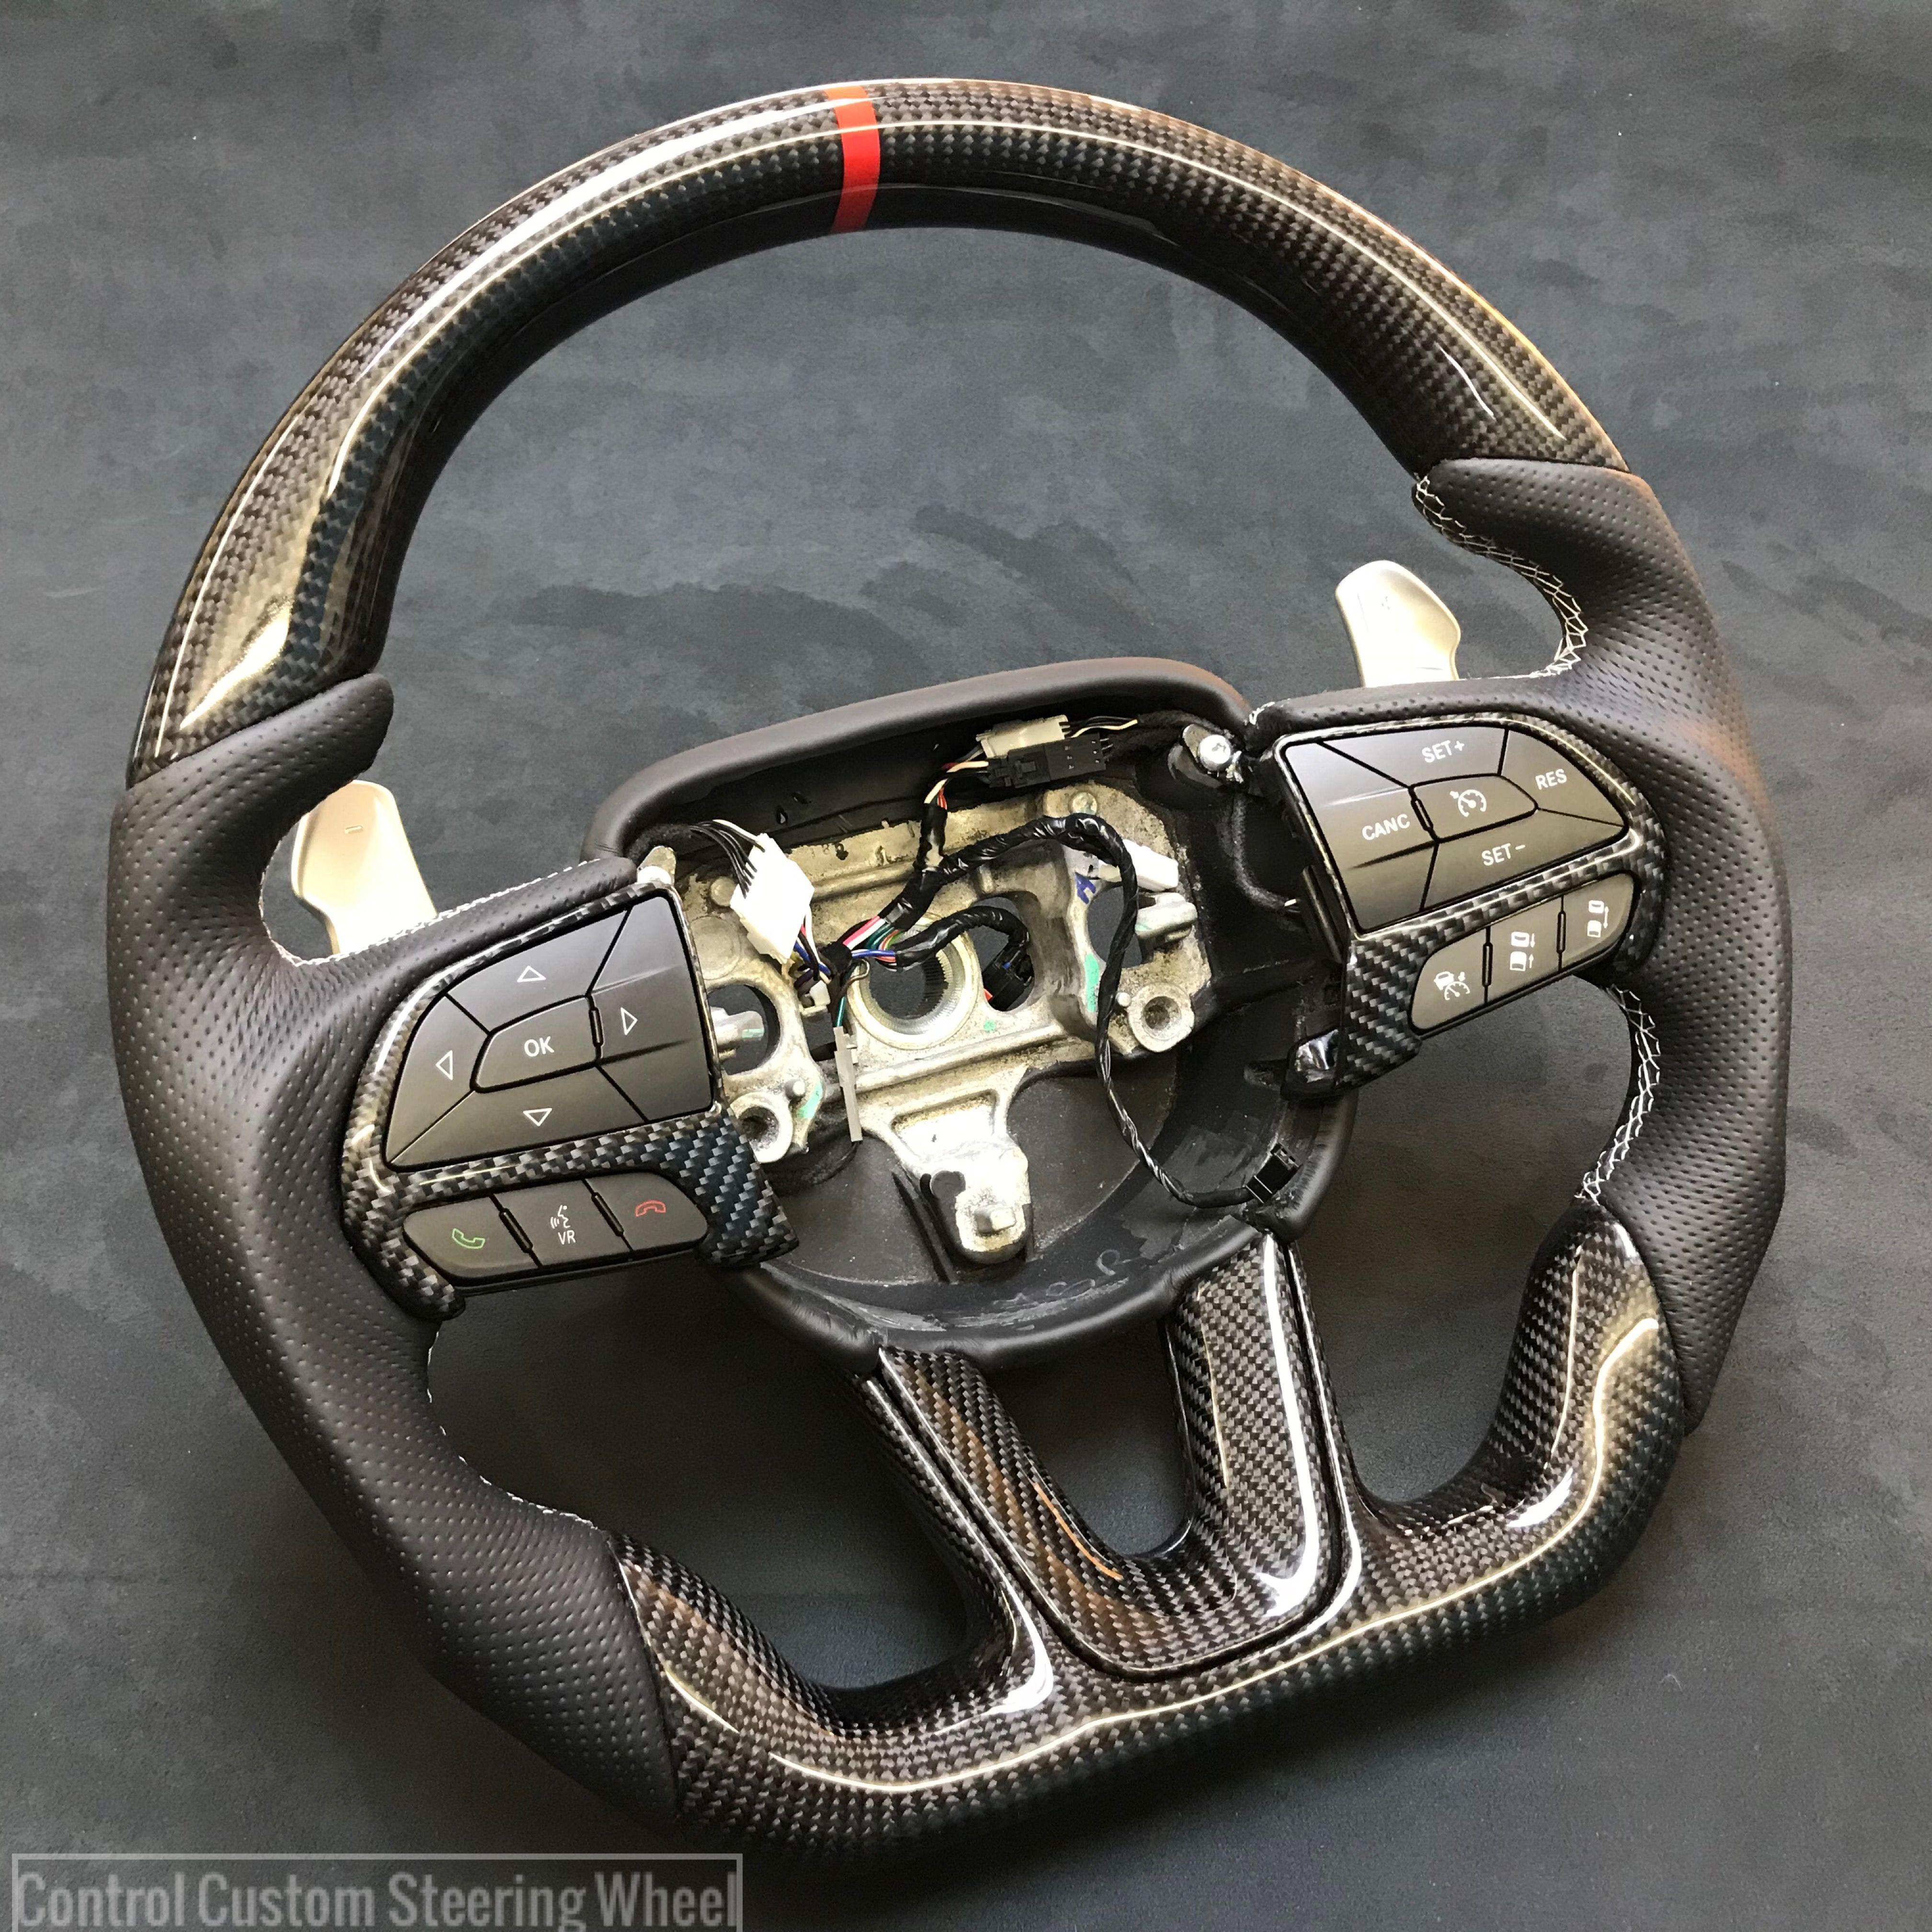 Dodge Srt8 Custom Steering Wheel Full Reshape Carbon Fibre Top